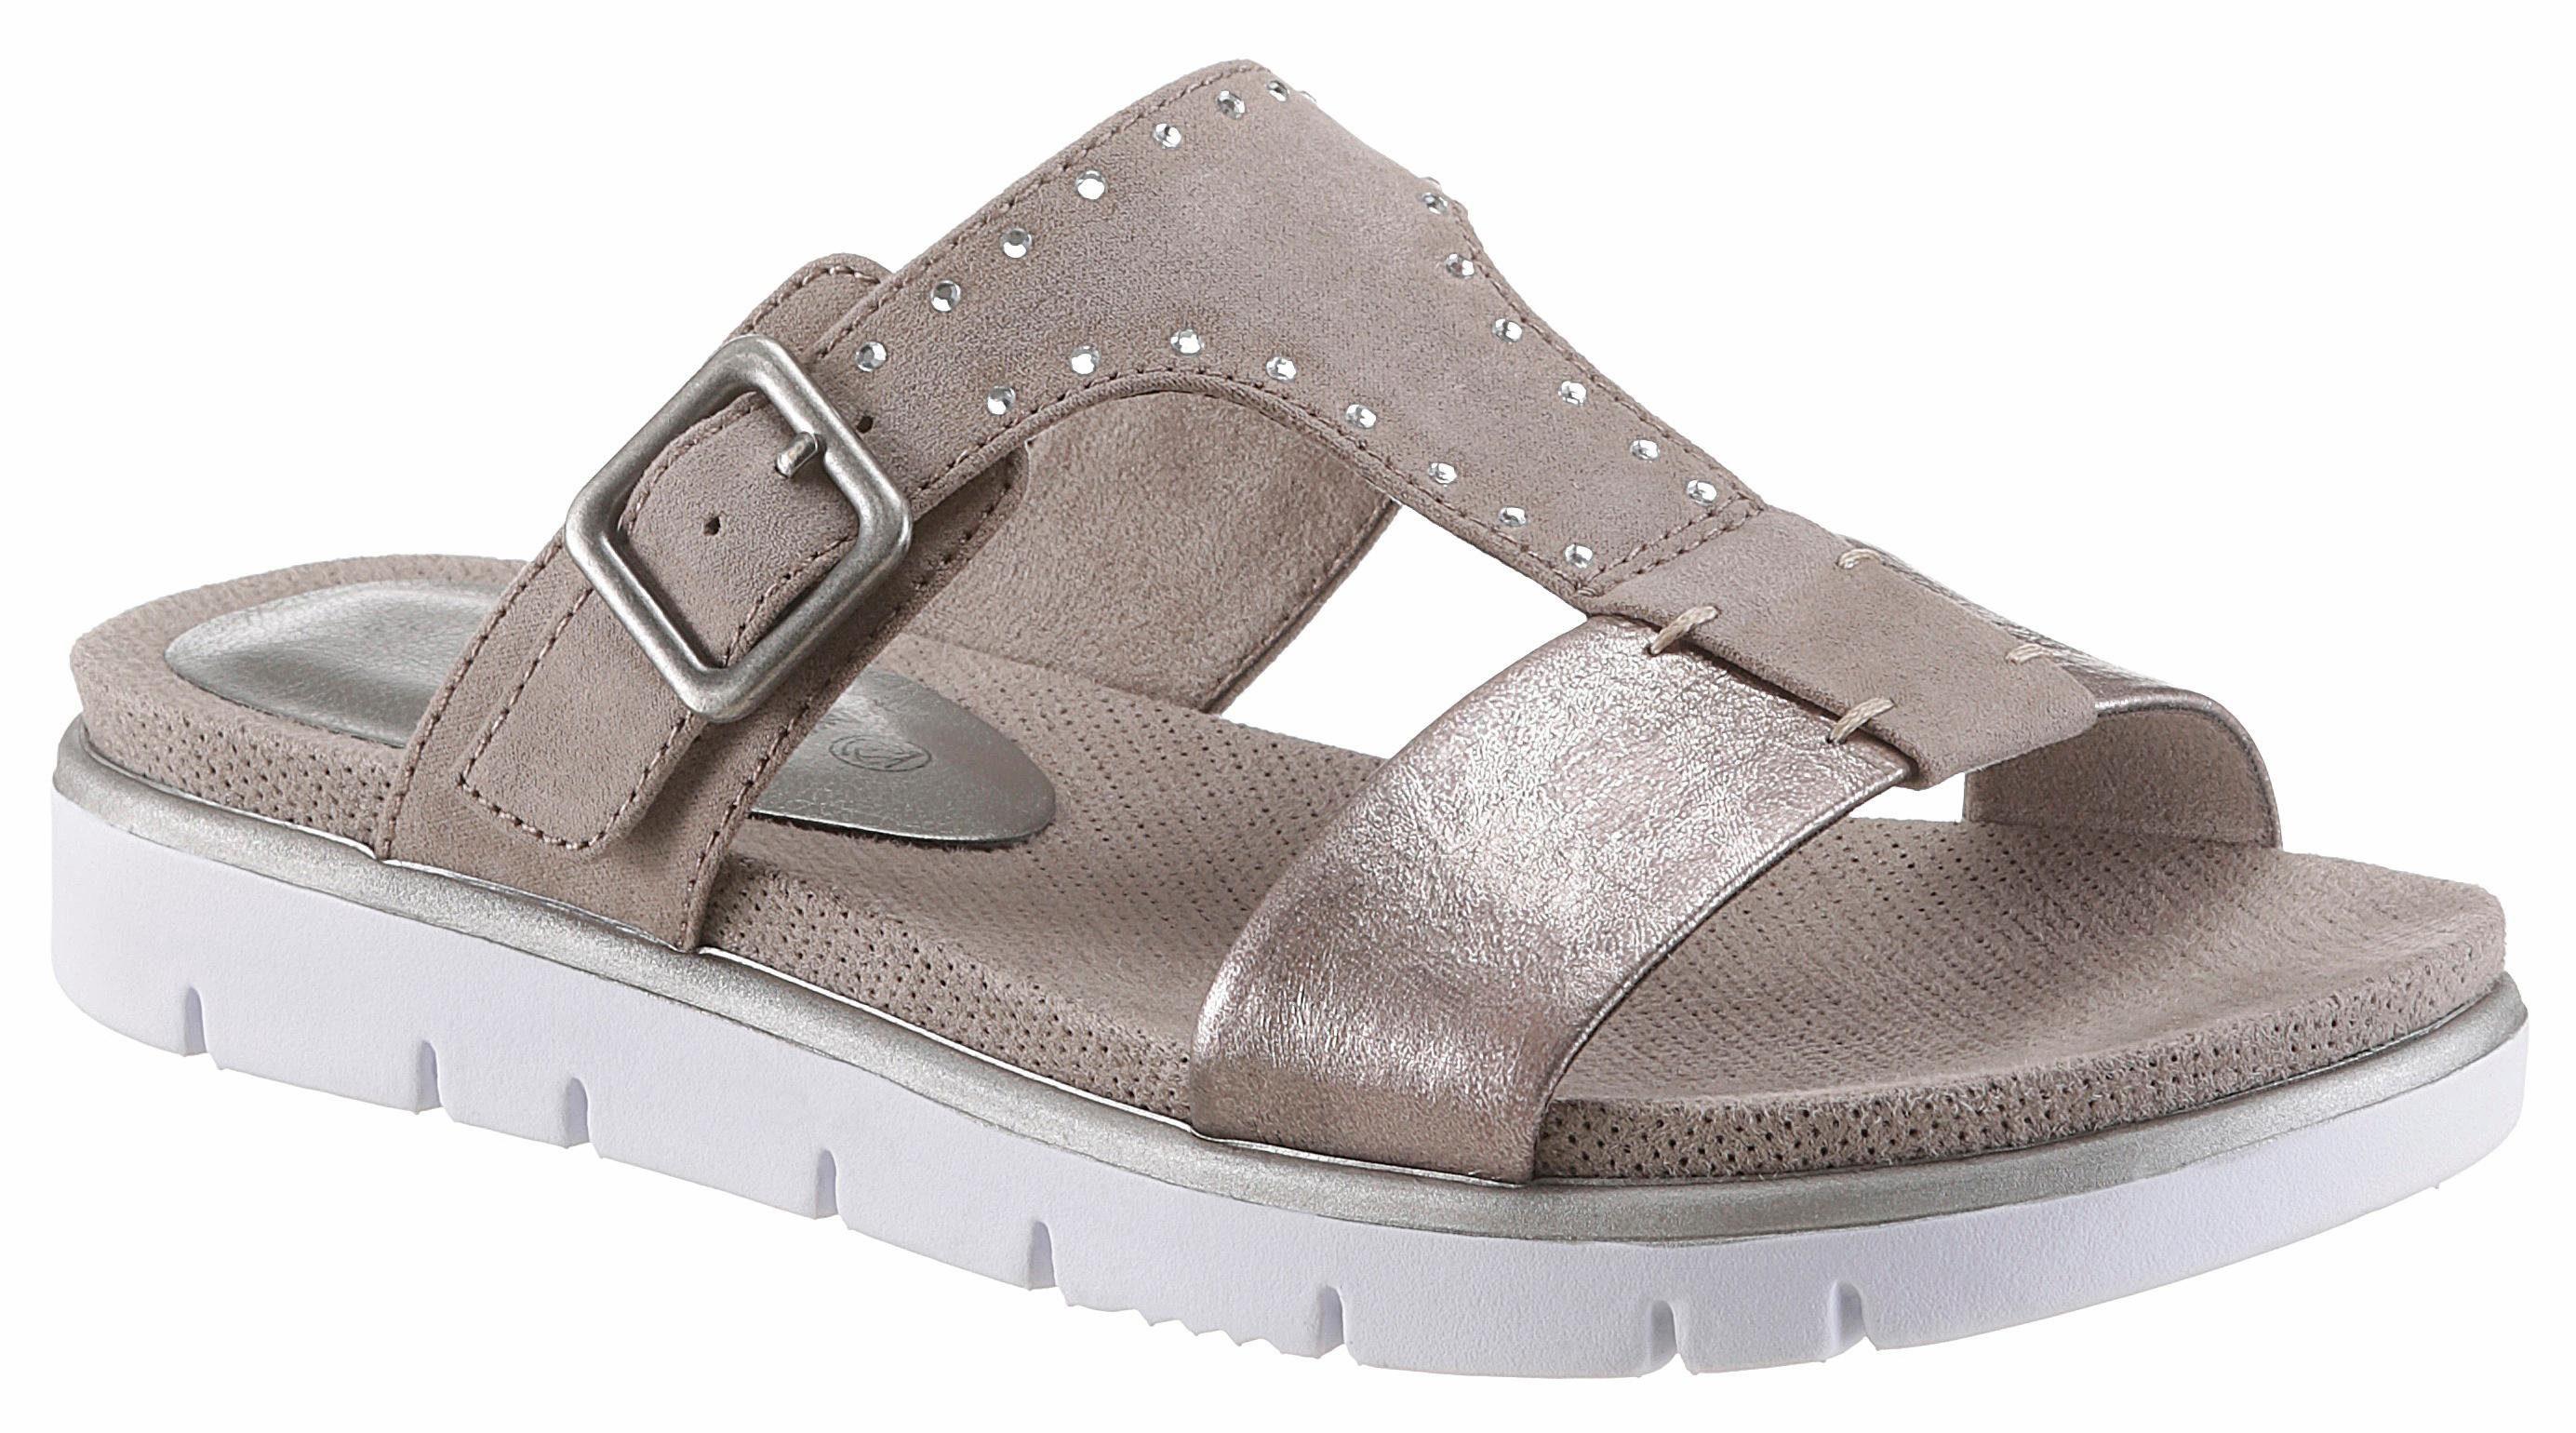 Jana Pantolette, in bequemer Schuhweite H (sehr weit) online kaufen  taupe